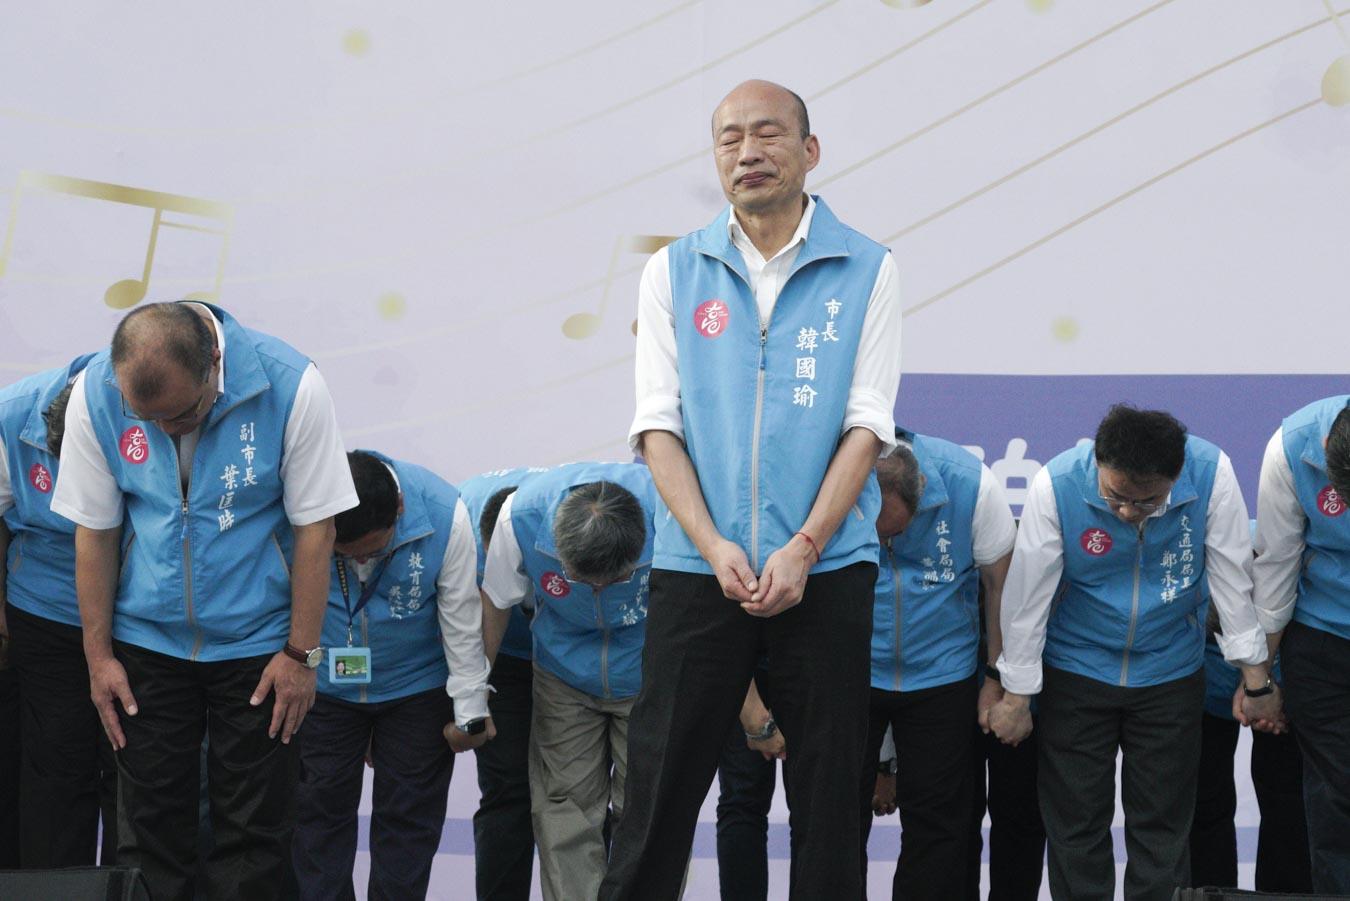 被近94萬名高雄市民罷免的高雄市長韓國瑜,今天傍晚在告別音樂會上向其支持者透露,罷免後至今心情難以平復。圖:張良一/攝